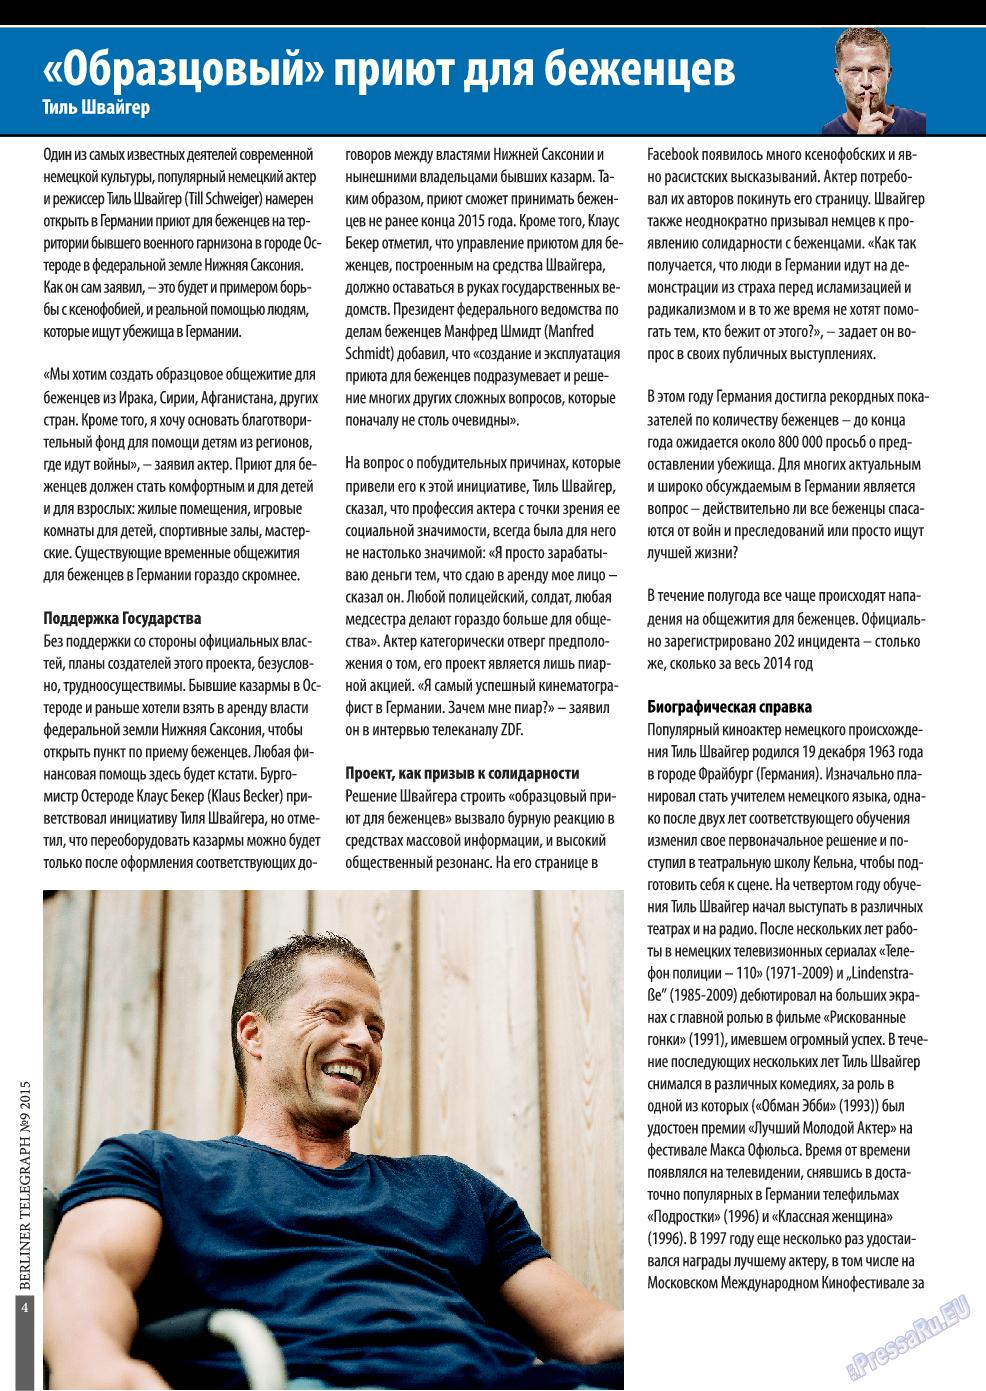 Берлинский телеграф (журнал). 2015 год, номер 9, стр. 4